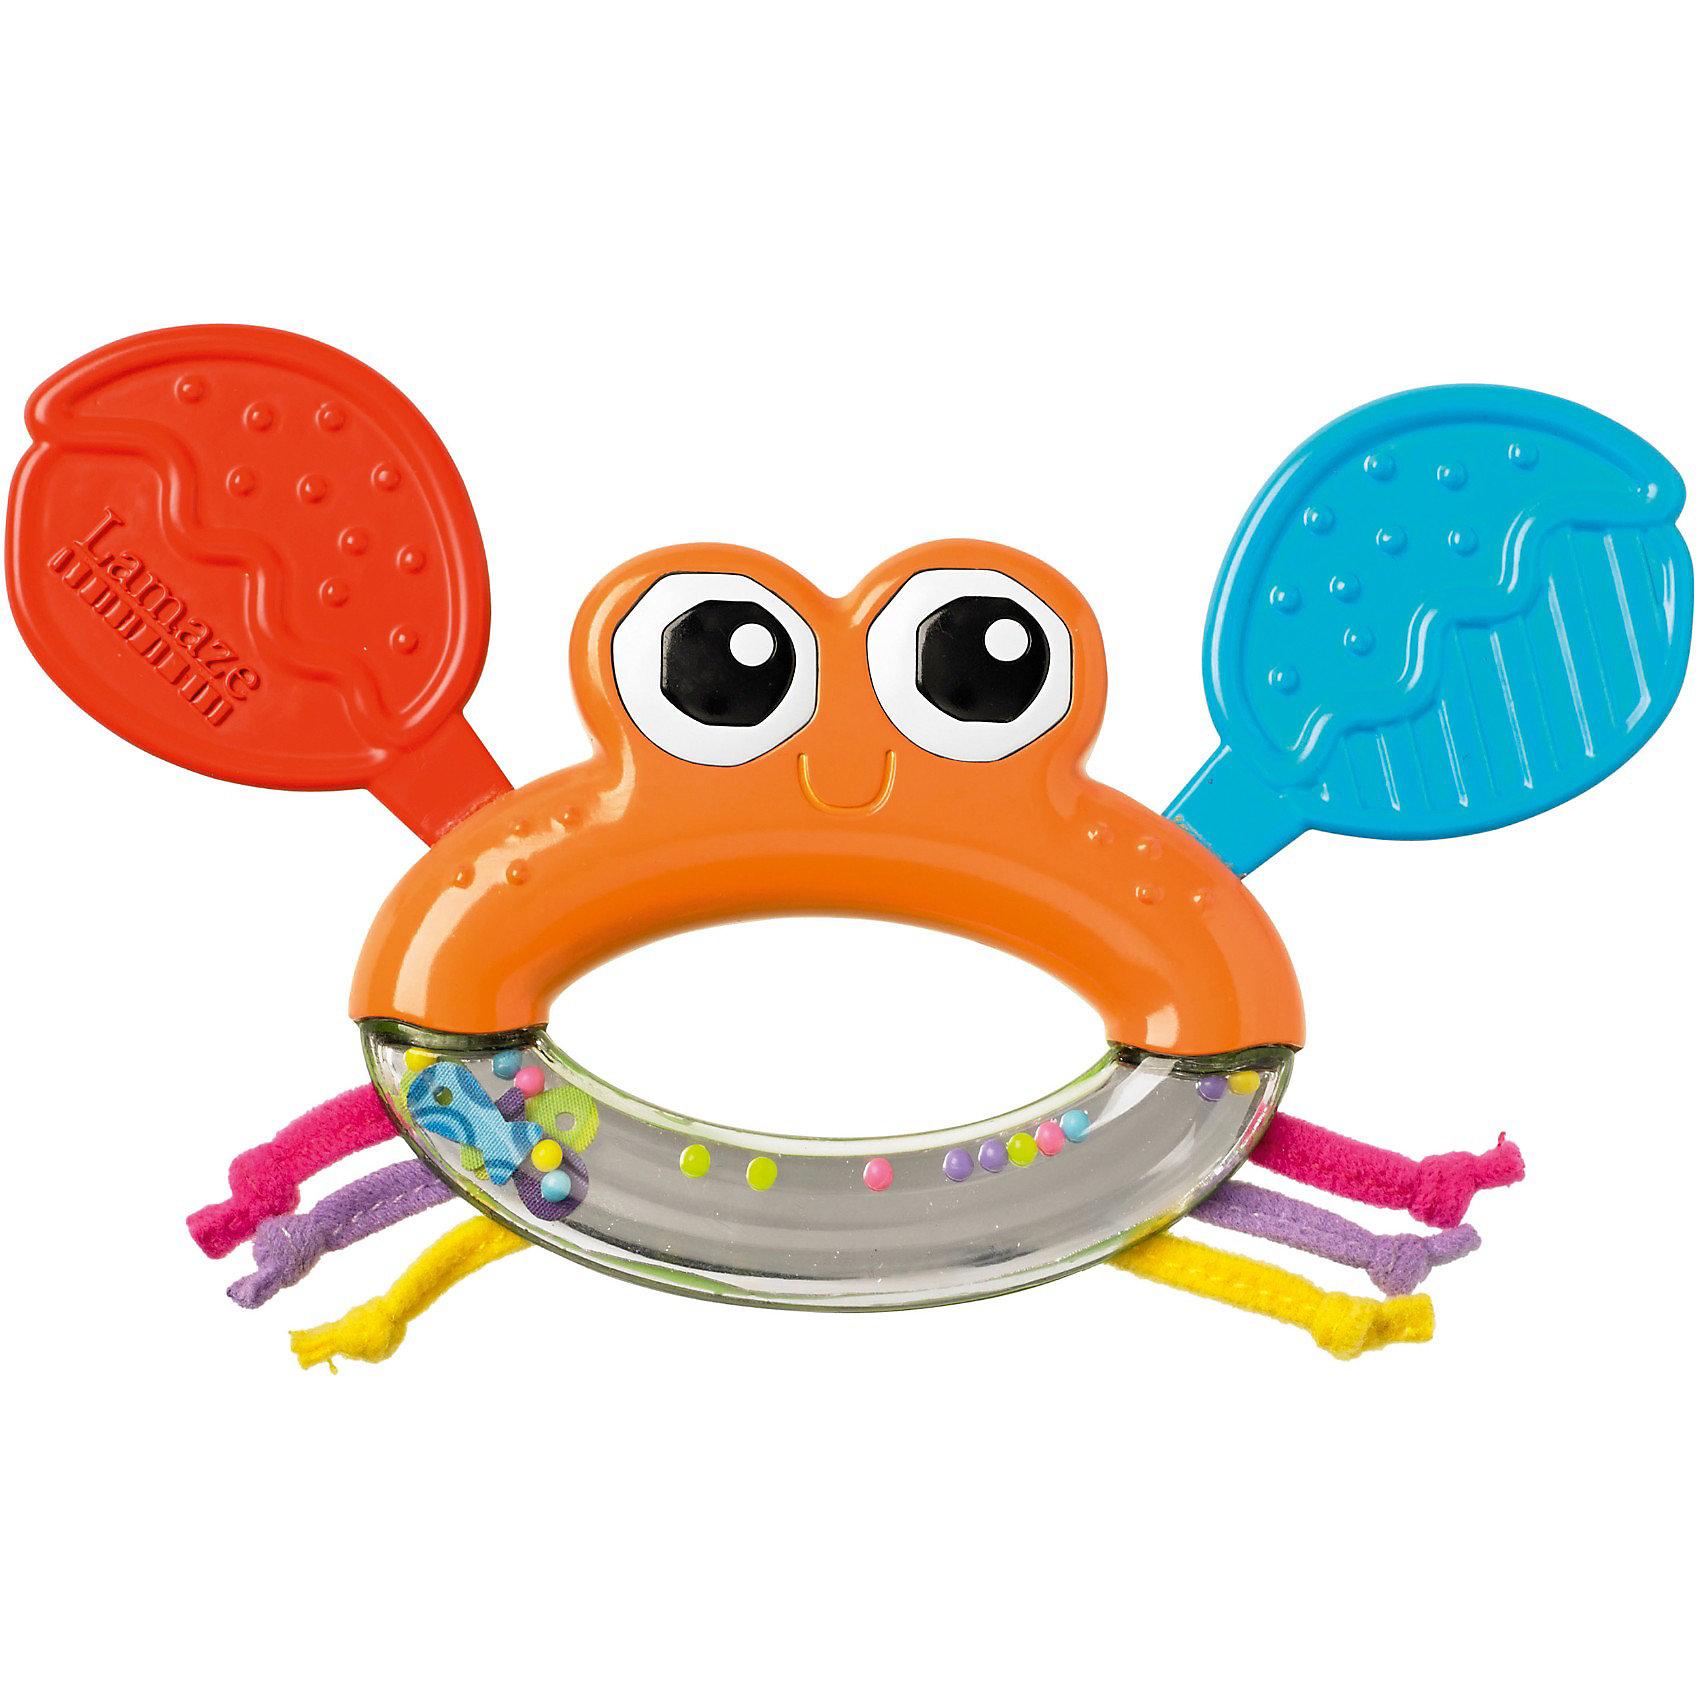 Игрушка Крабик Клик-Клак, LamazeПрорезыватели<br>Эта яркая игрушка для самых маленьких обязательно понравится вашему крохе. Прорезыватель для зубов  поможет успокоить вашего малыша, а погремушка развлечет и порадует его. Выполнена высококачественных материалов разной фактуры, абсолютно безопасна для малышей. Развивает осязательные, зрительные и двигательные способности вашего ребенка. <br><br>Дополнительная информация:<br><br>- Материал: пластик, текстиль.<br>- Размер: 19 х 17 х 19 см.<br>- Цвет: разноцветный.<br>- Погремушка и прорезыватель.<br><br>Игрушку Крабик Клик-Клак, Lamaze можно купить в нашем магазине.<br><br>Ширина мм: 185<br>Глубина мм: 172<br>Высота мм: 30<br>Вес г: 73<br>Возраст от месяцев: 3<br>Возраст до месяцев: 10<br>Пол: Унисекс<br>Возраст: Детский<br>SKU: 3592714